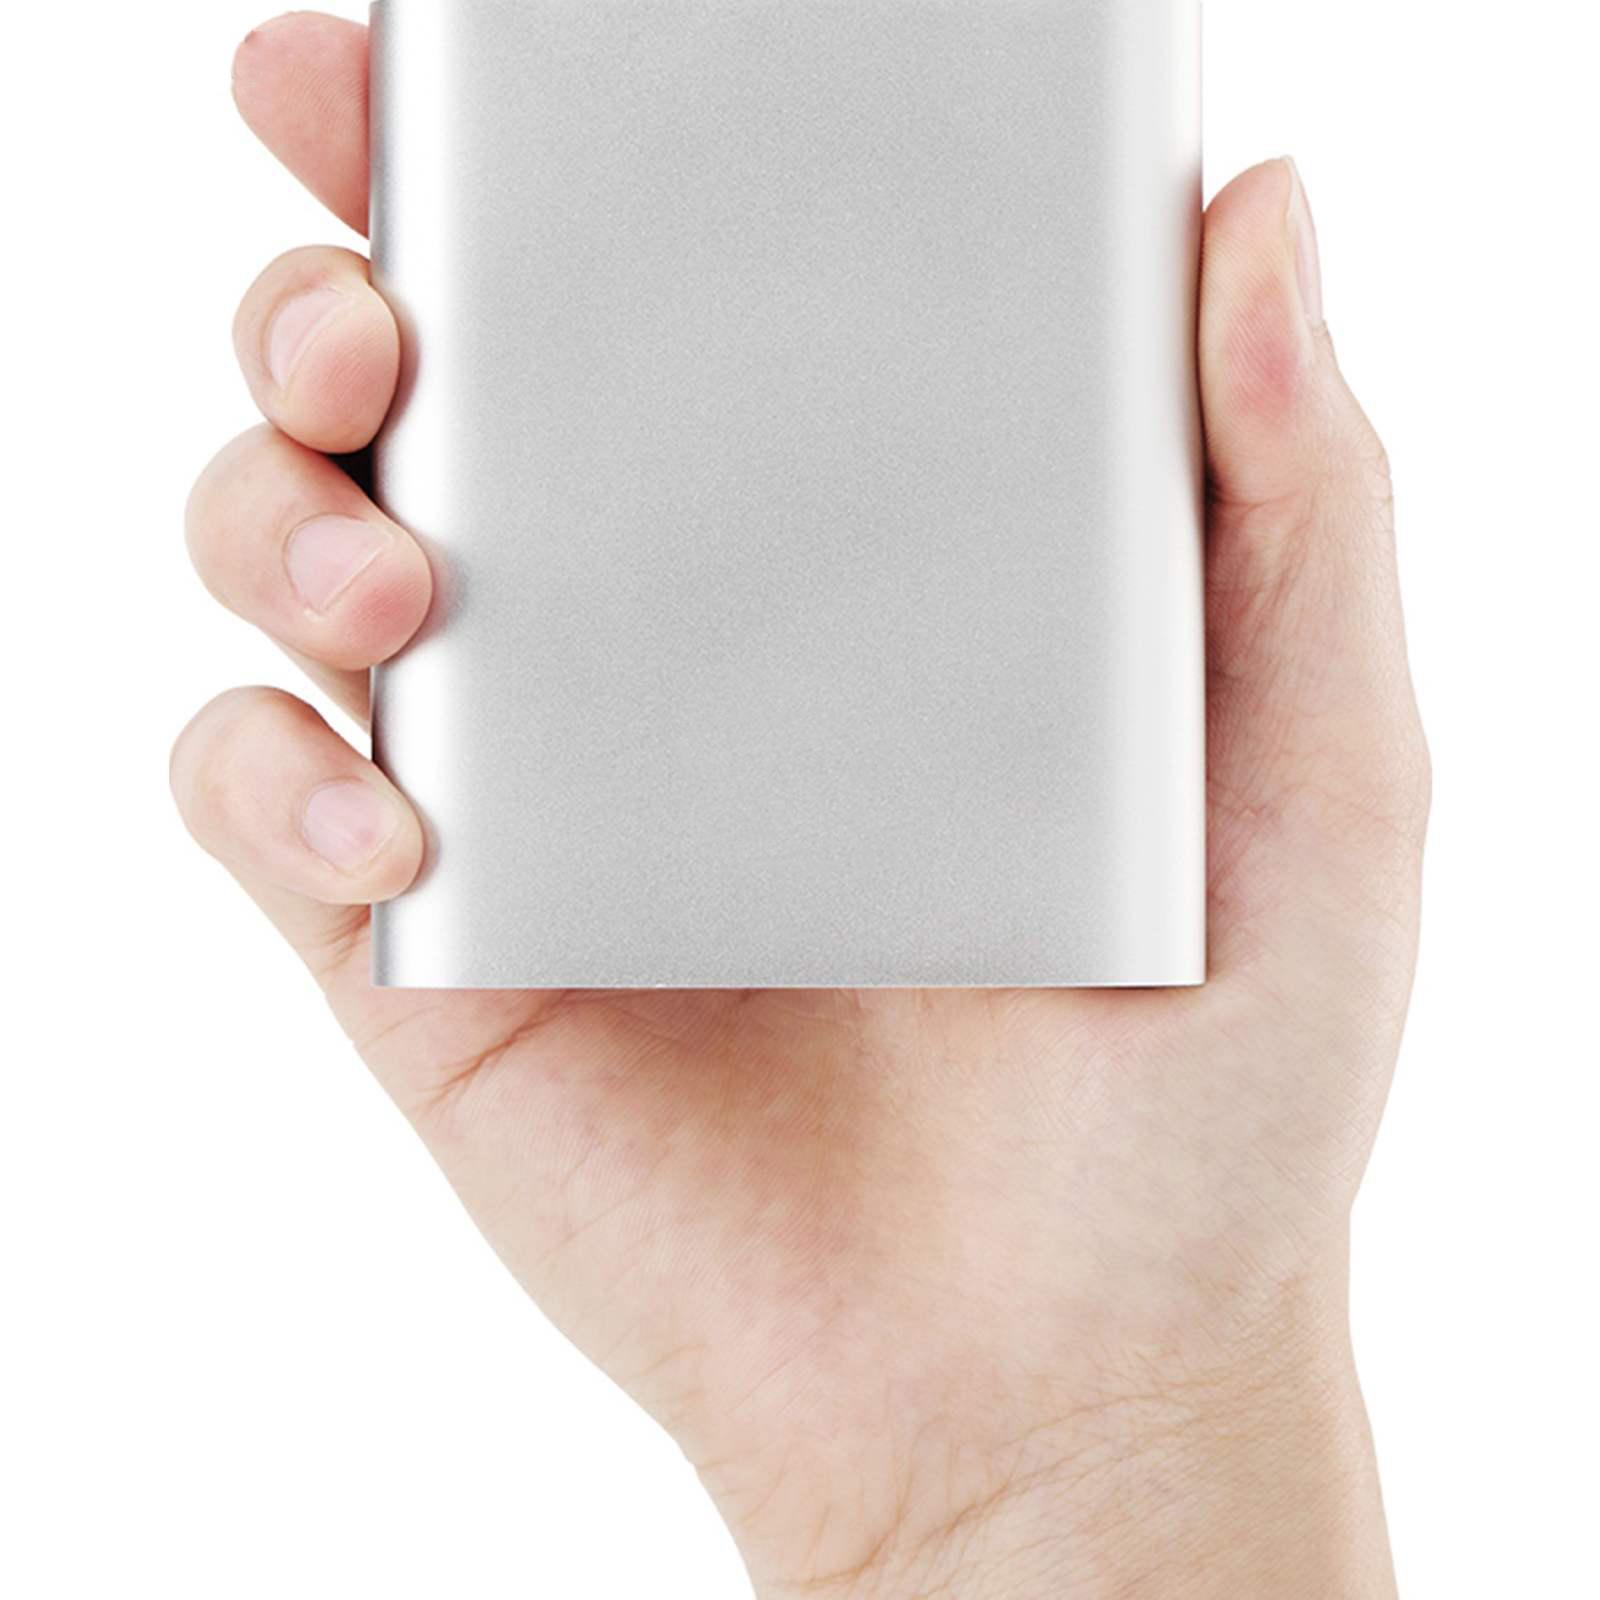 شارژر همراه میلاتون مدل C1 ظرفیت 8800 میلی آمپرساعت